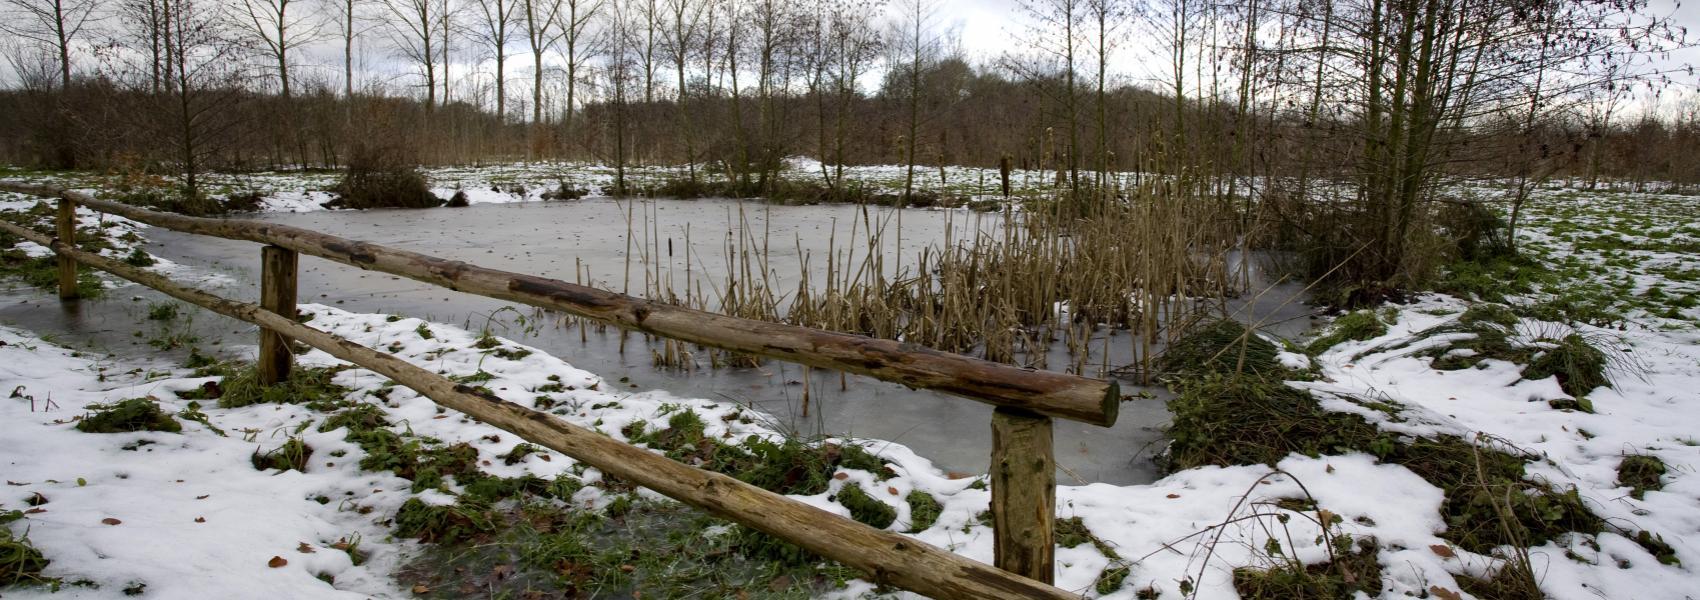 zicht op een winterlandschap